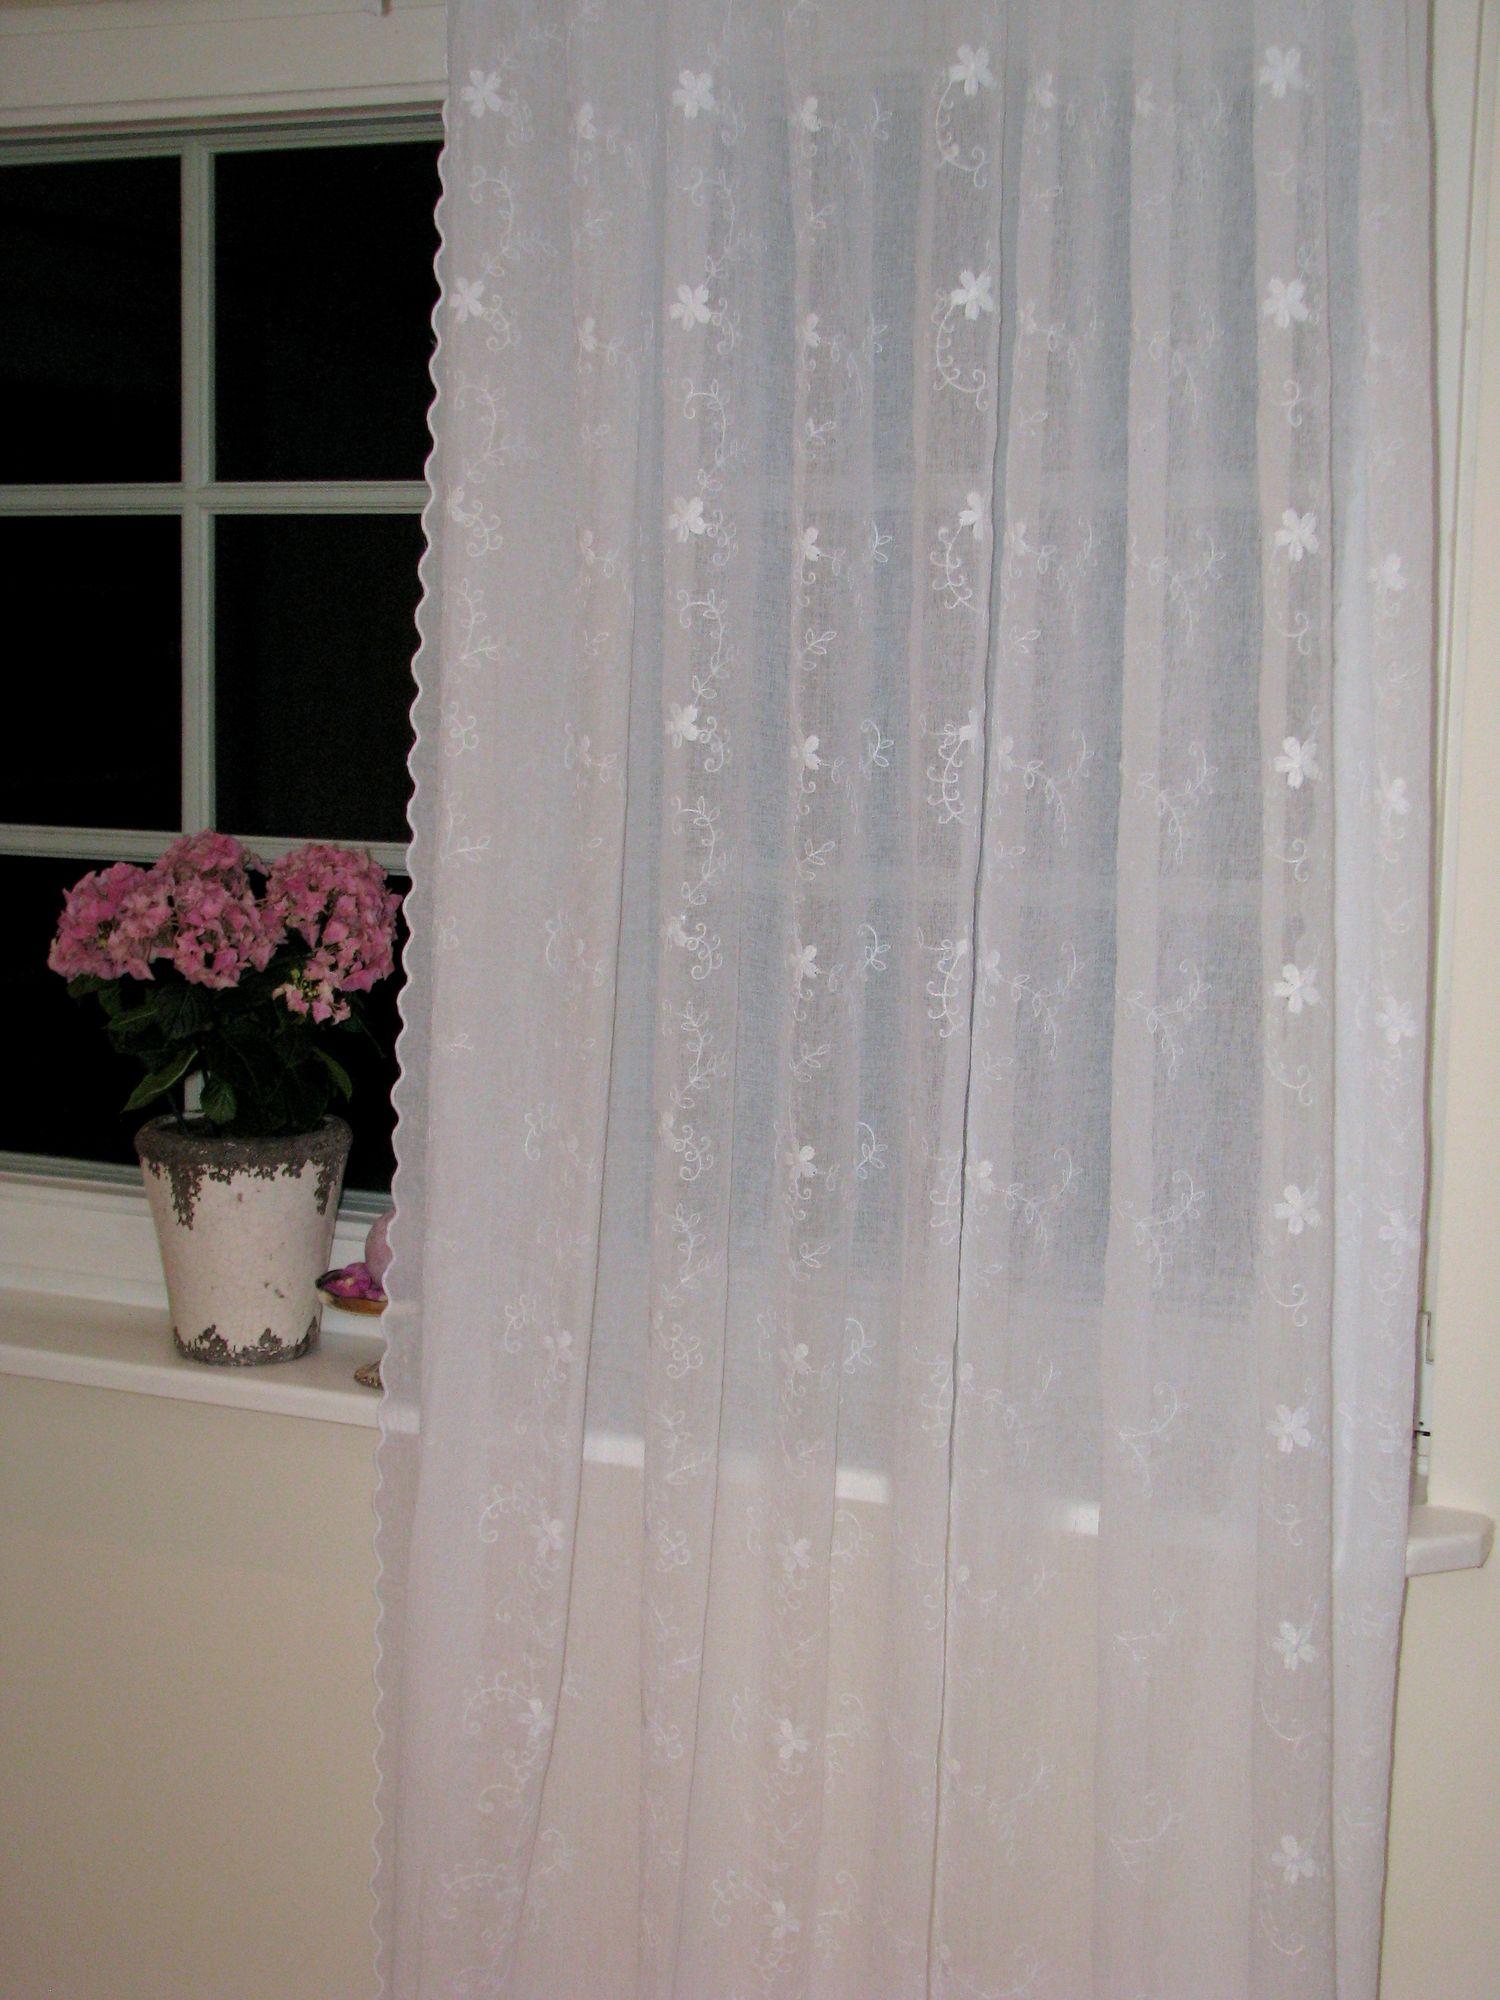 vorhang weiss crach optik bogenkante stickerei romantisch shabby landhaus. Black Bedroom Furniture Sets. Home Design Ideas